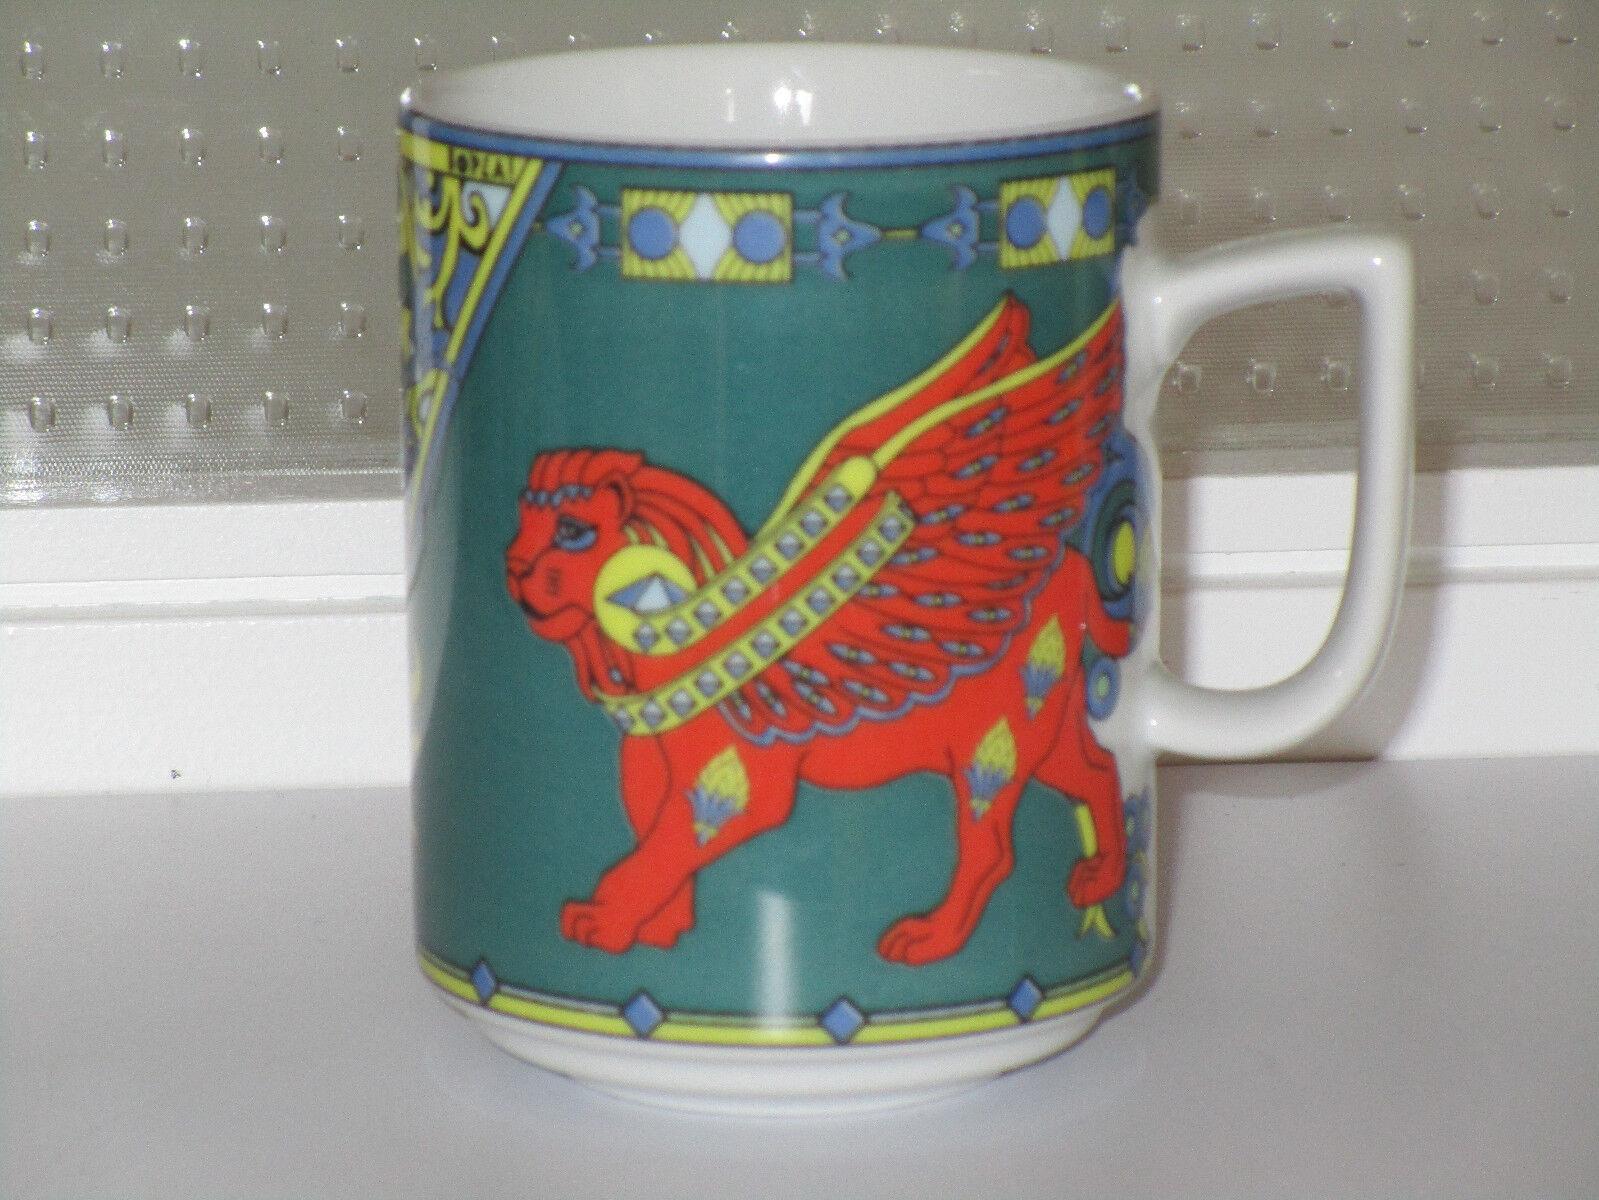 BOPLA PorzellanTasse Mug Haferle, H 9,9 9,9 9,9 cm, Dekor Löwe mit Flügeln grün      Gute Qualität  864771